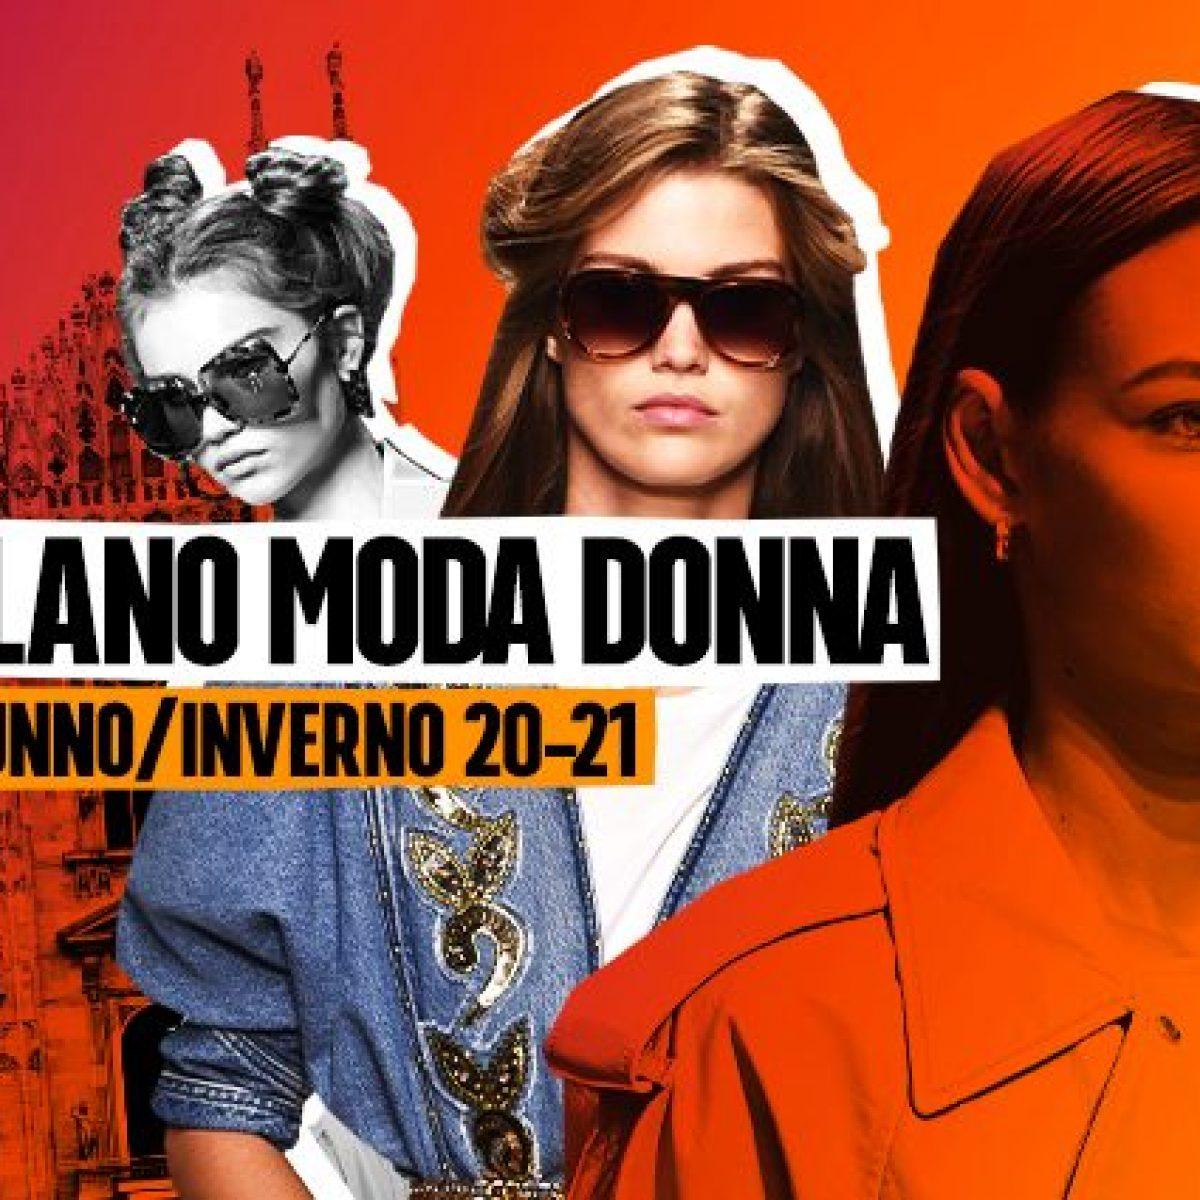 Milano Fashion Week A/I 20 21: le novità, gli eventi e i party da